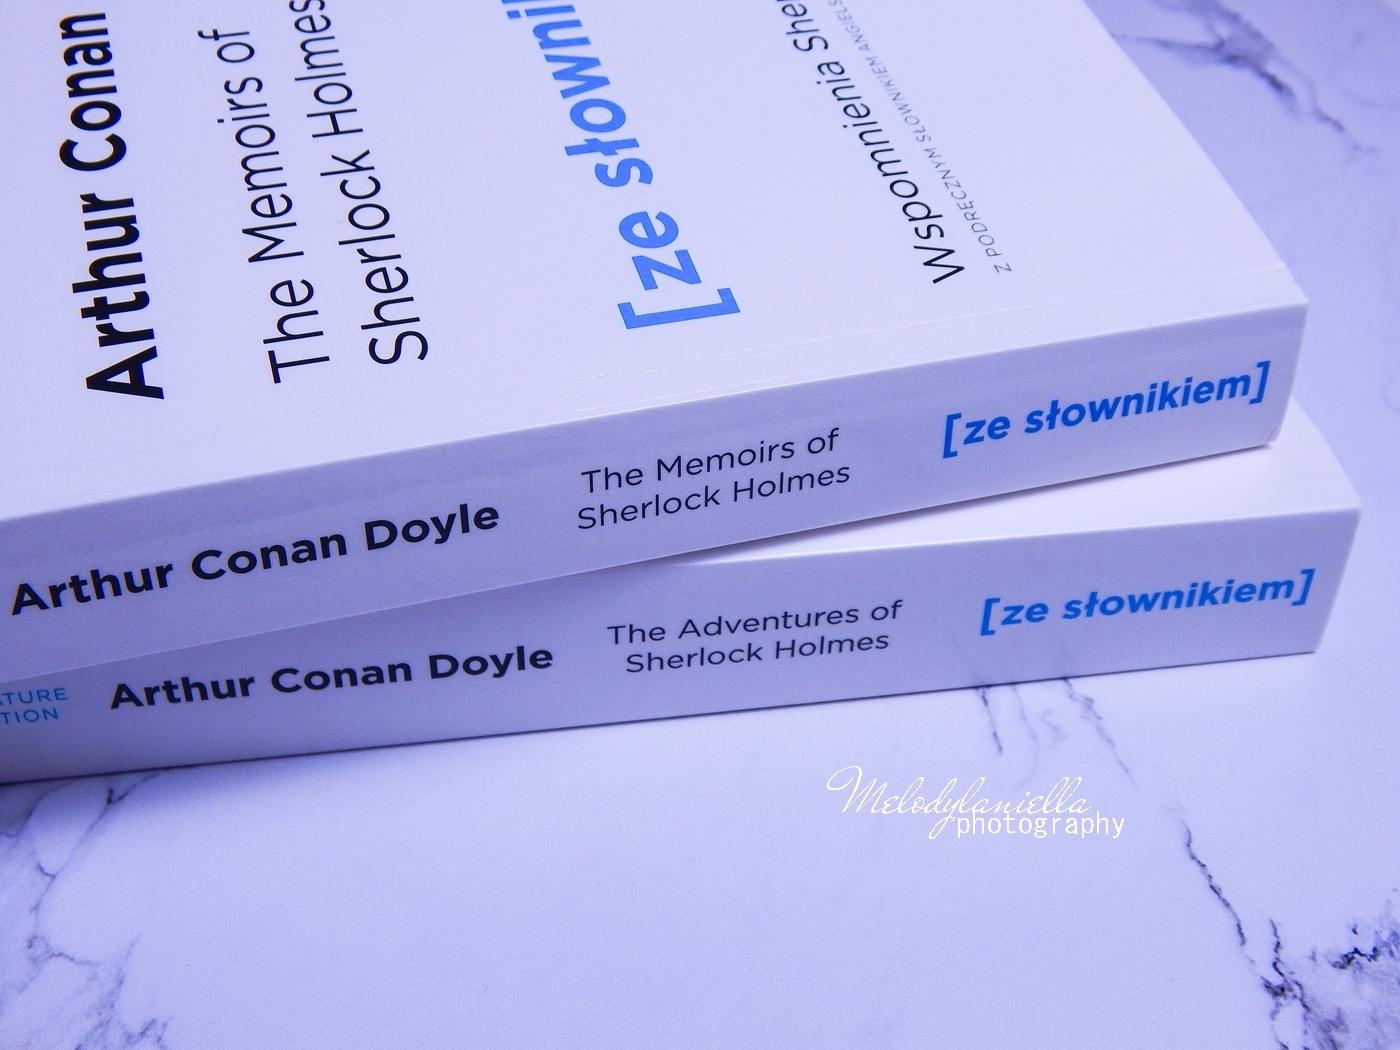 16 trzy sposoby na szybszą naukę języka angielskiego jak efektywnie uczyć się języków aplikacje do nauki angielskiego do nauki języków obcych duolingo książki ze słownikiem sherlock holmes